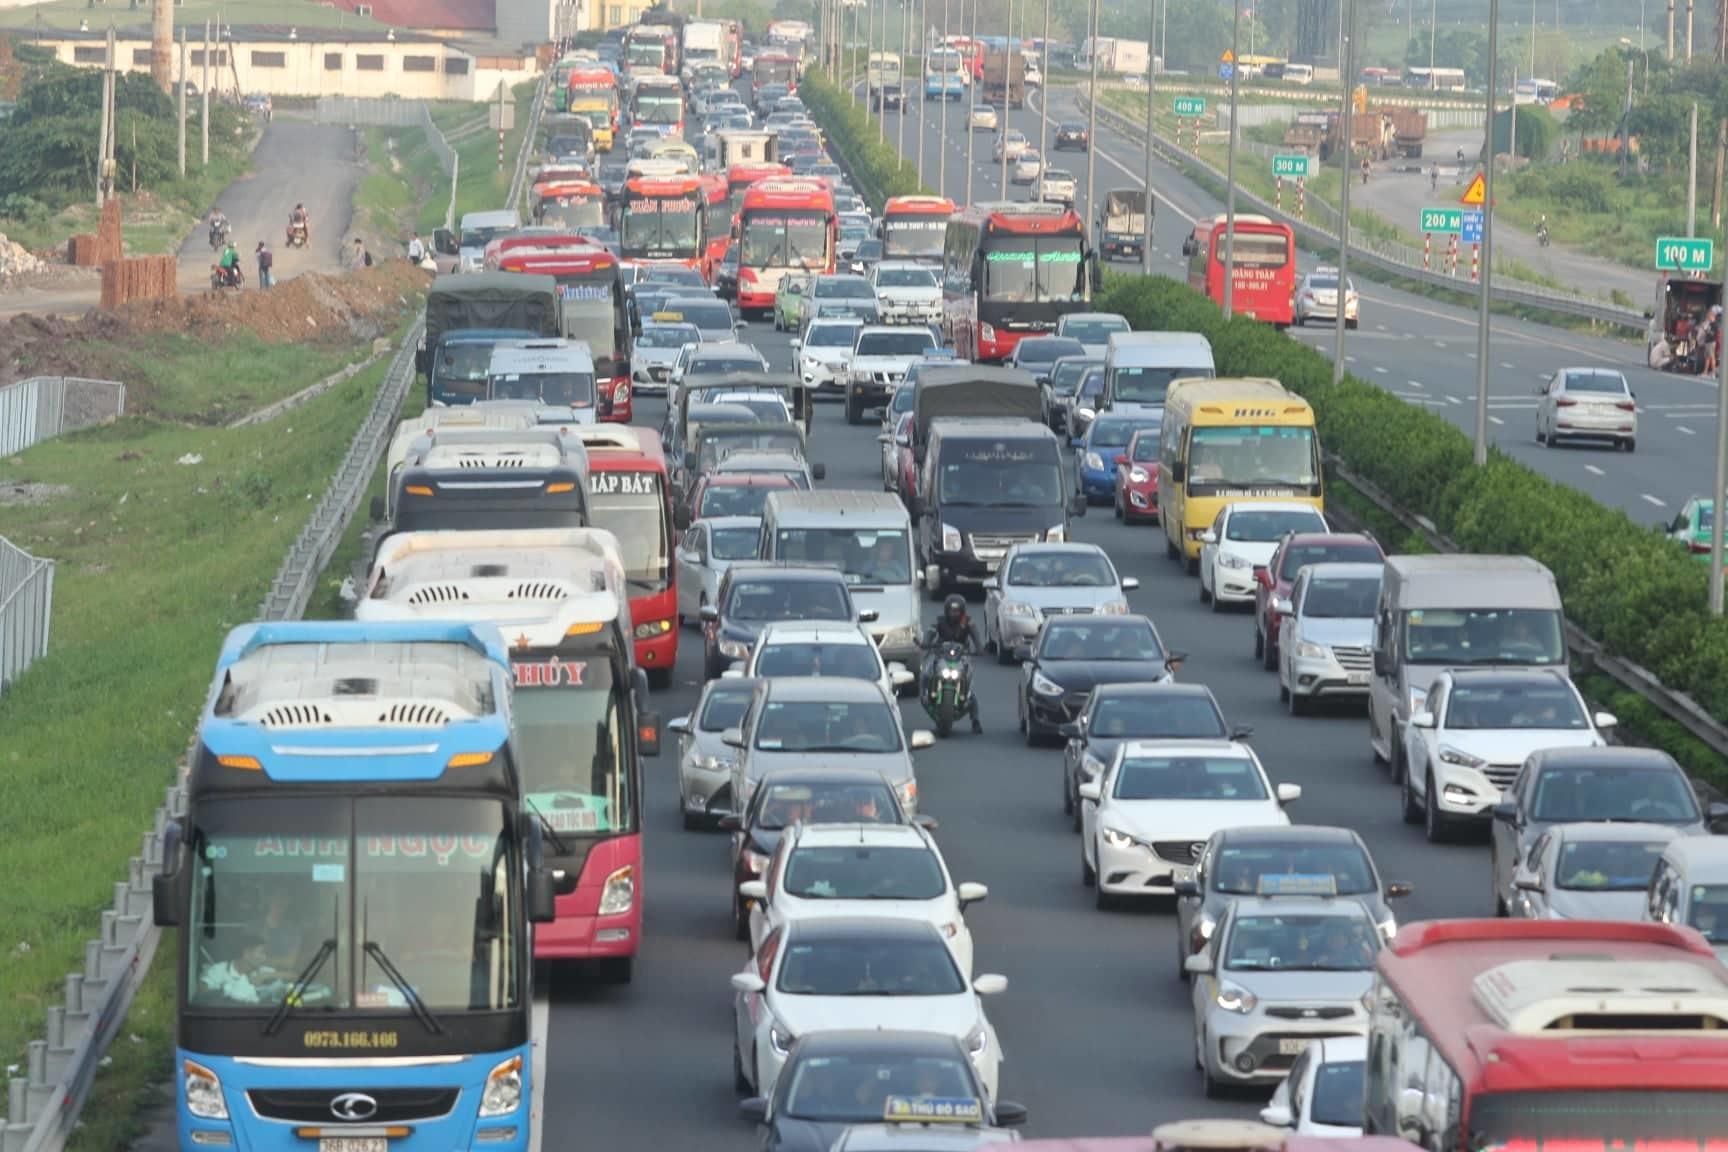 nghỉ lễ,tắc đường,cao tốc Pháp Vân - Cầu Giẽ